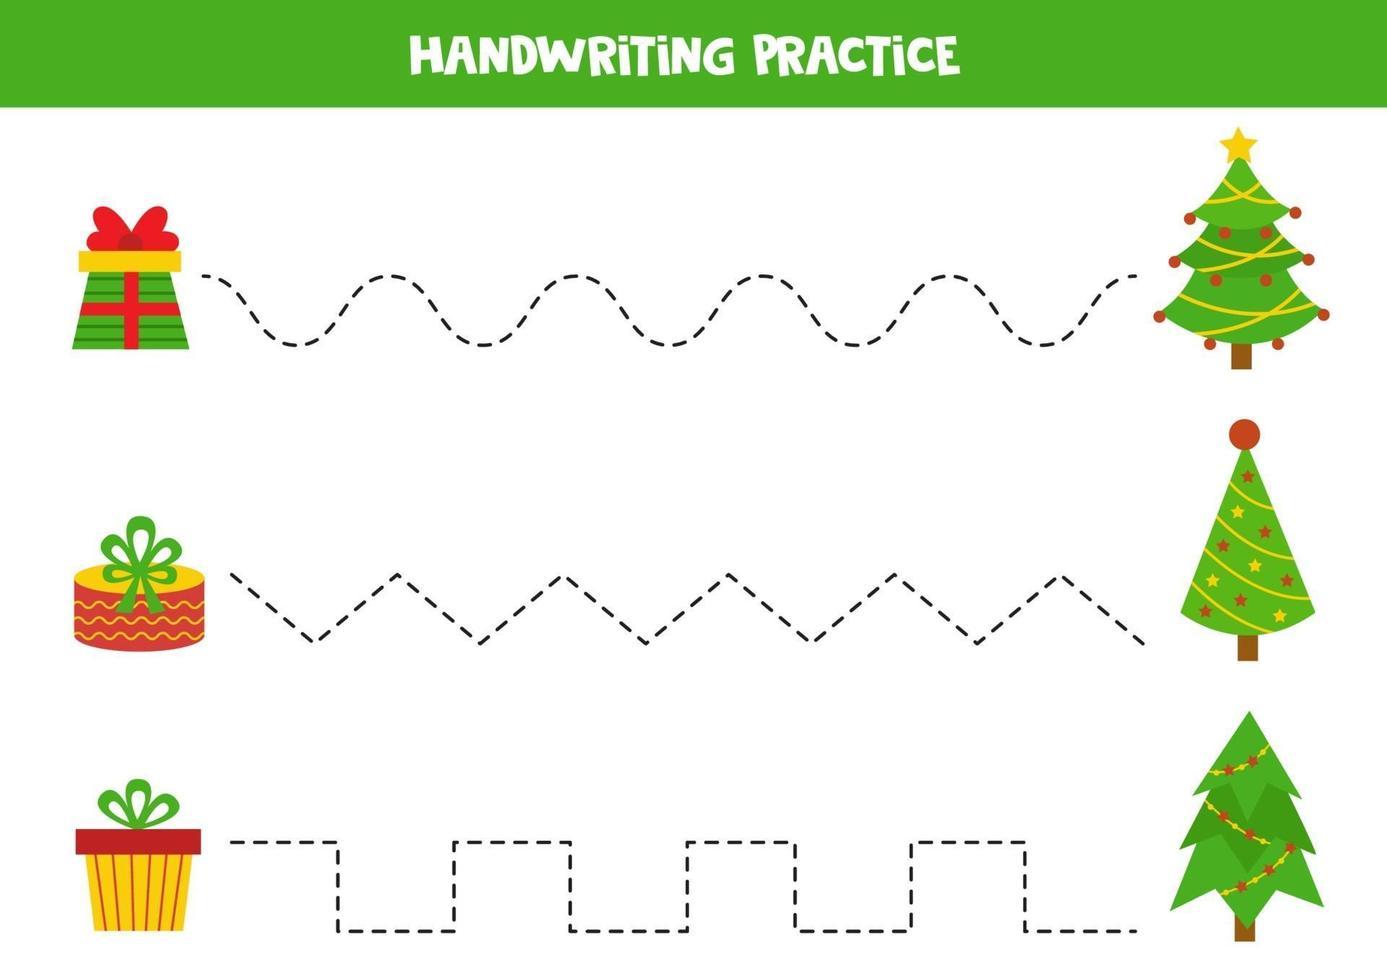 pratica di scrittura a mano con abeti dei cartoni animati e scatole presenti. vettore